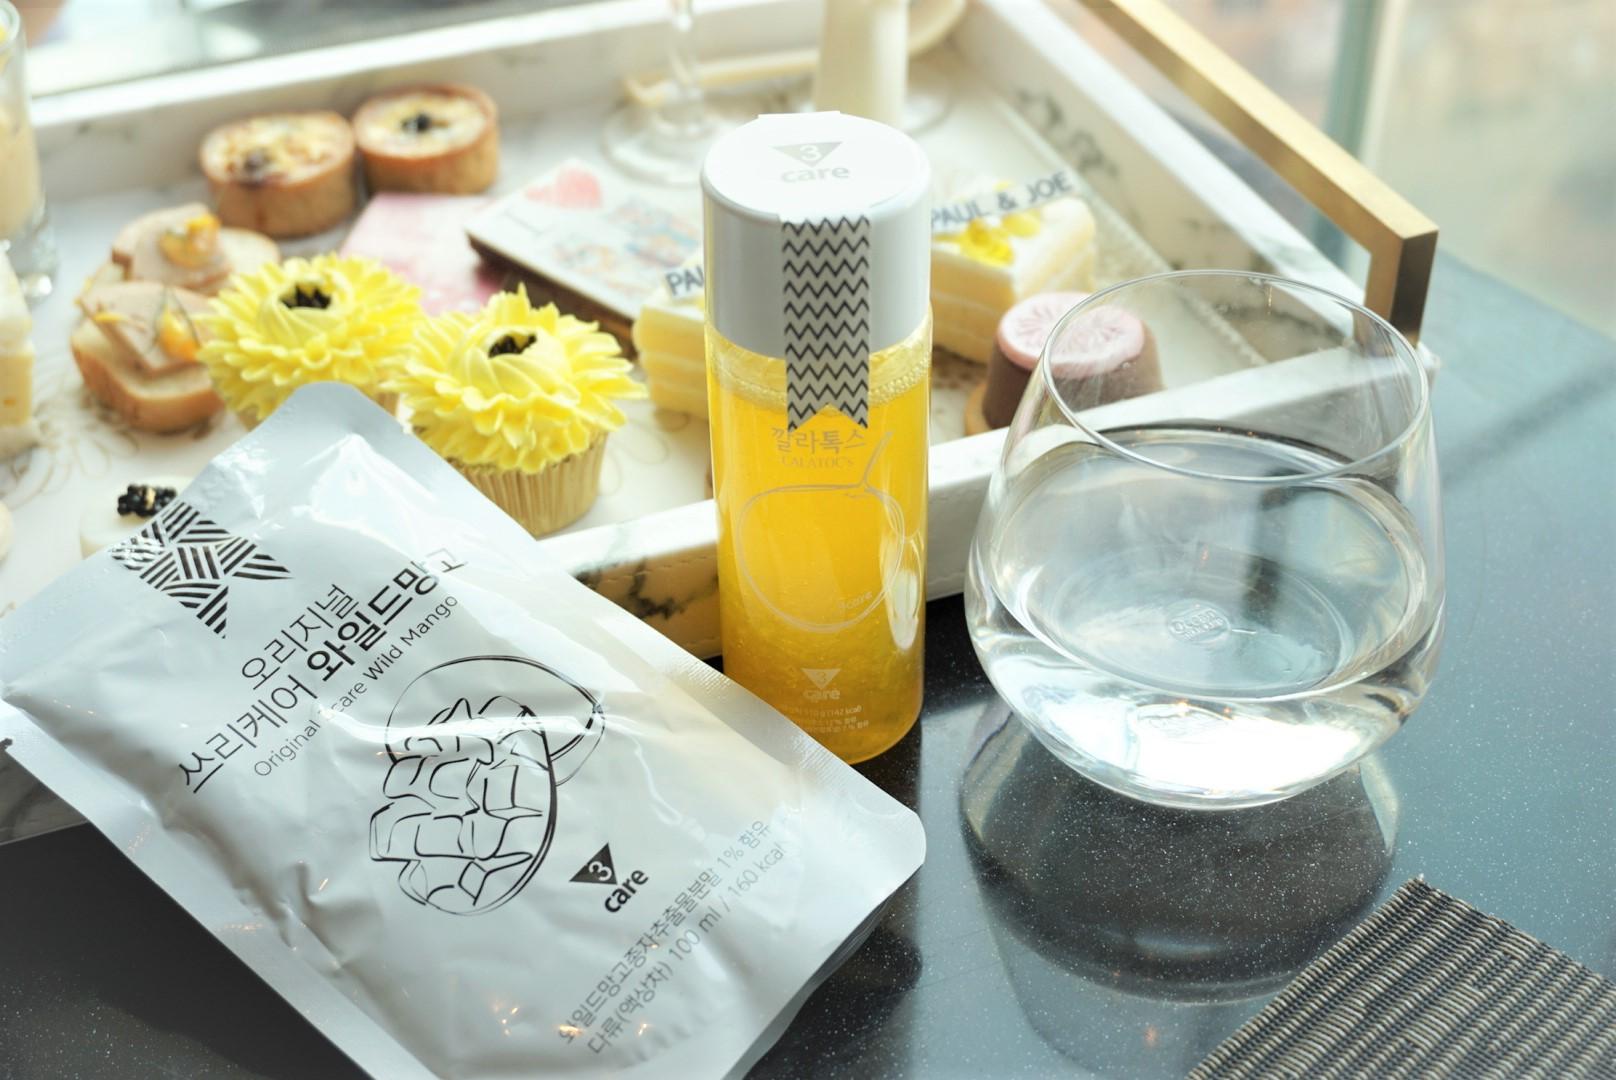 味美果汁輕鬆飲 ❣ 韓國3CARE 快速減肥 Detox 療程